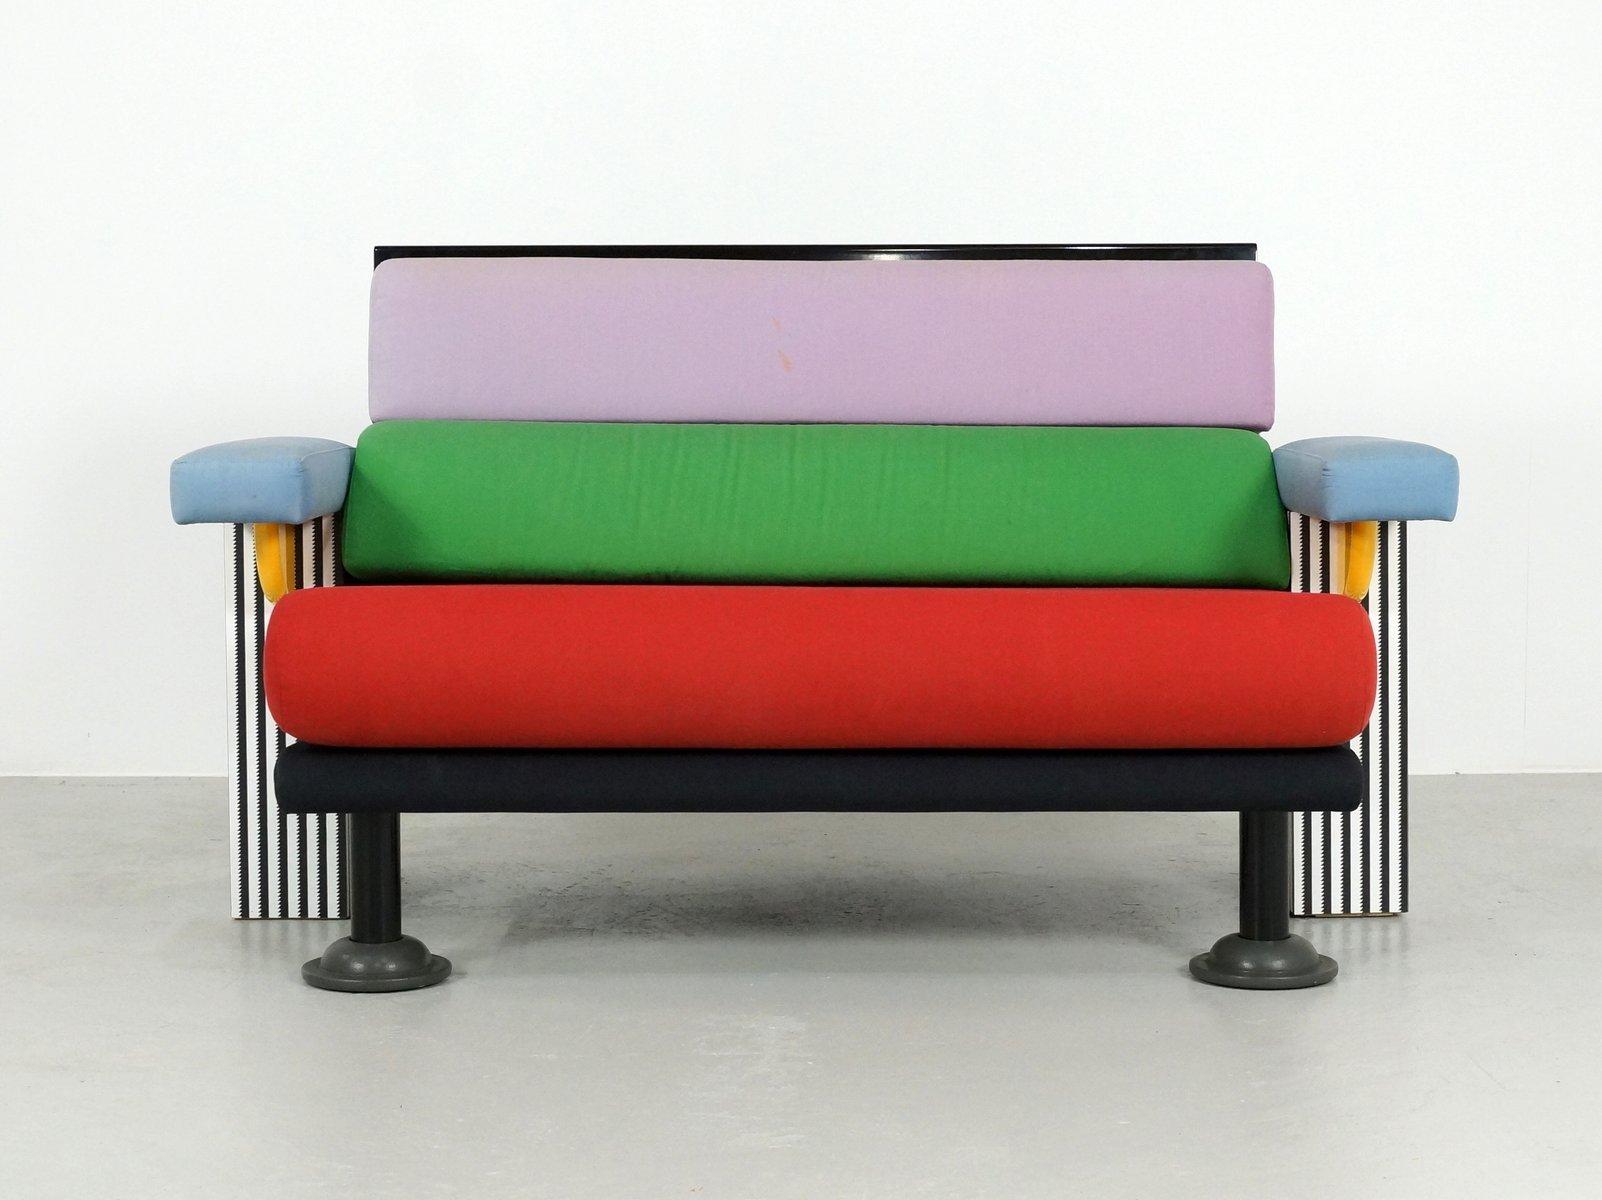 Lido Sofa By Michele De Lucchi For Memphis 1982